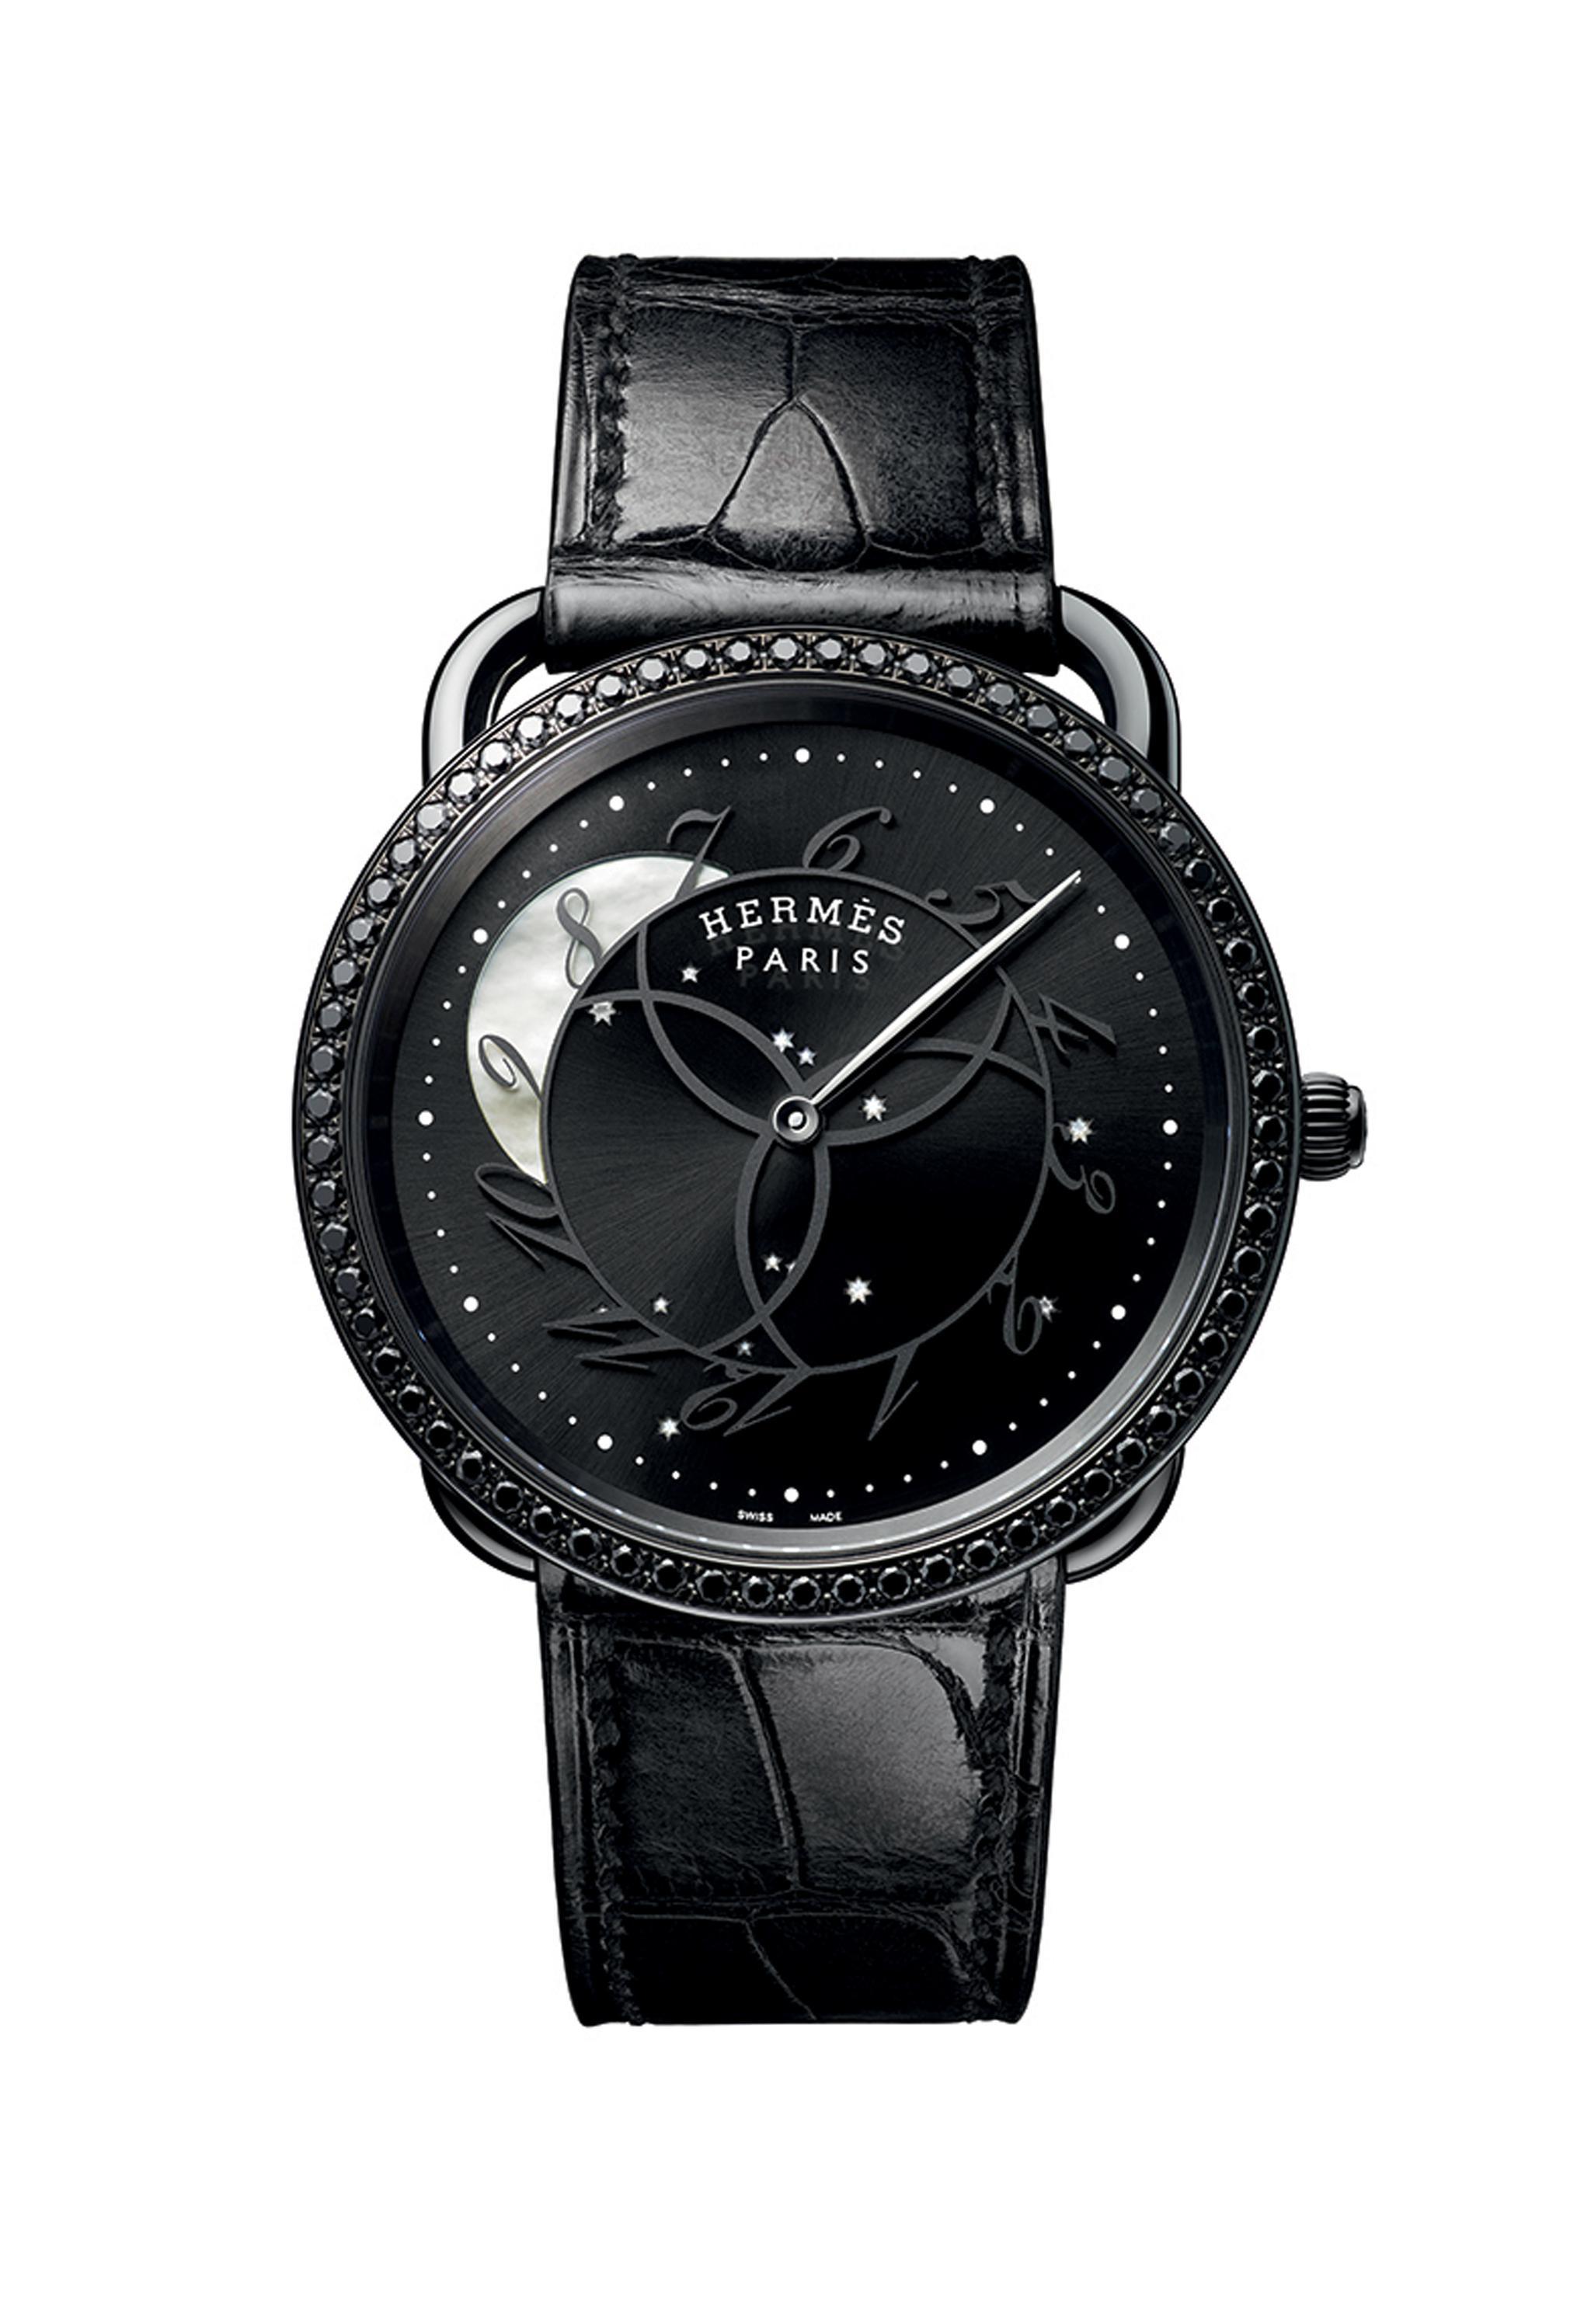 爱马仕Arceau Ronde des heures 哑光拉丝不锈钢腕表,配亮面鳄鱼皮表带